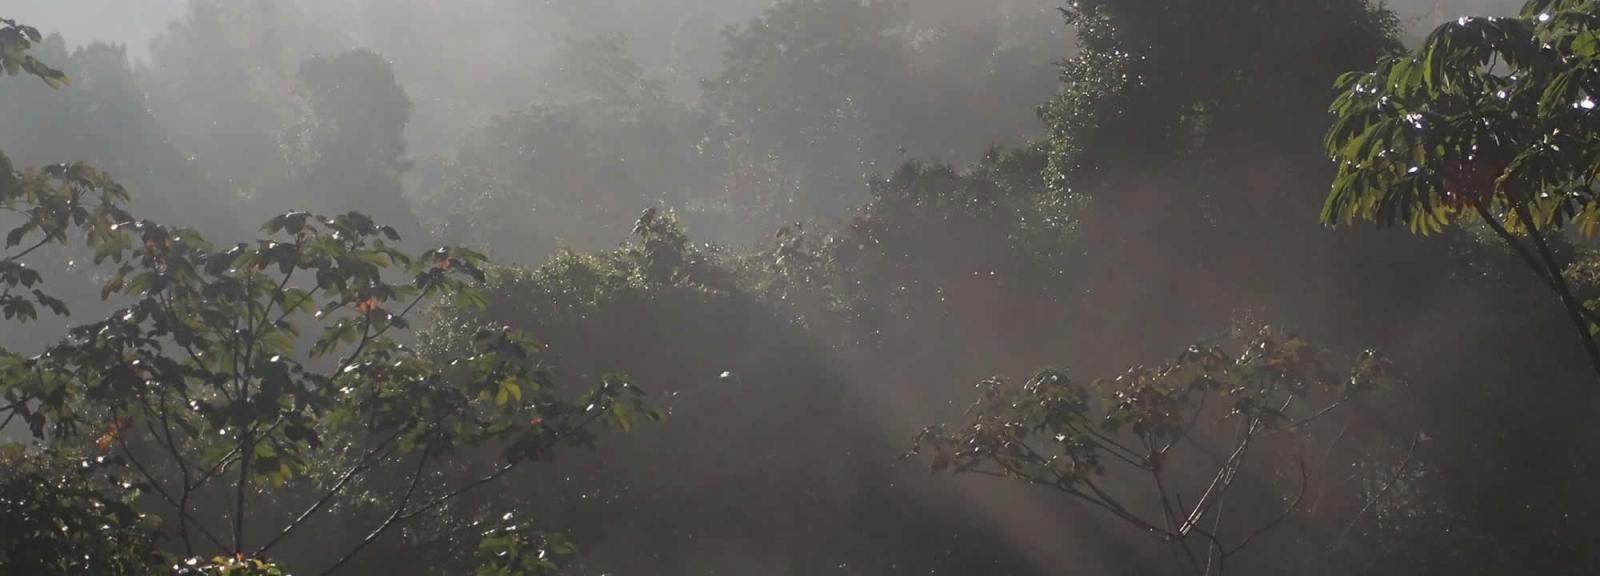 Réserve naturelle des Nouragues en Guyane française © MNHN - O. Marquis